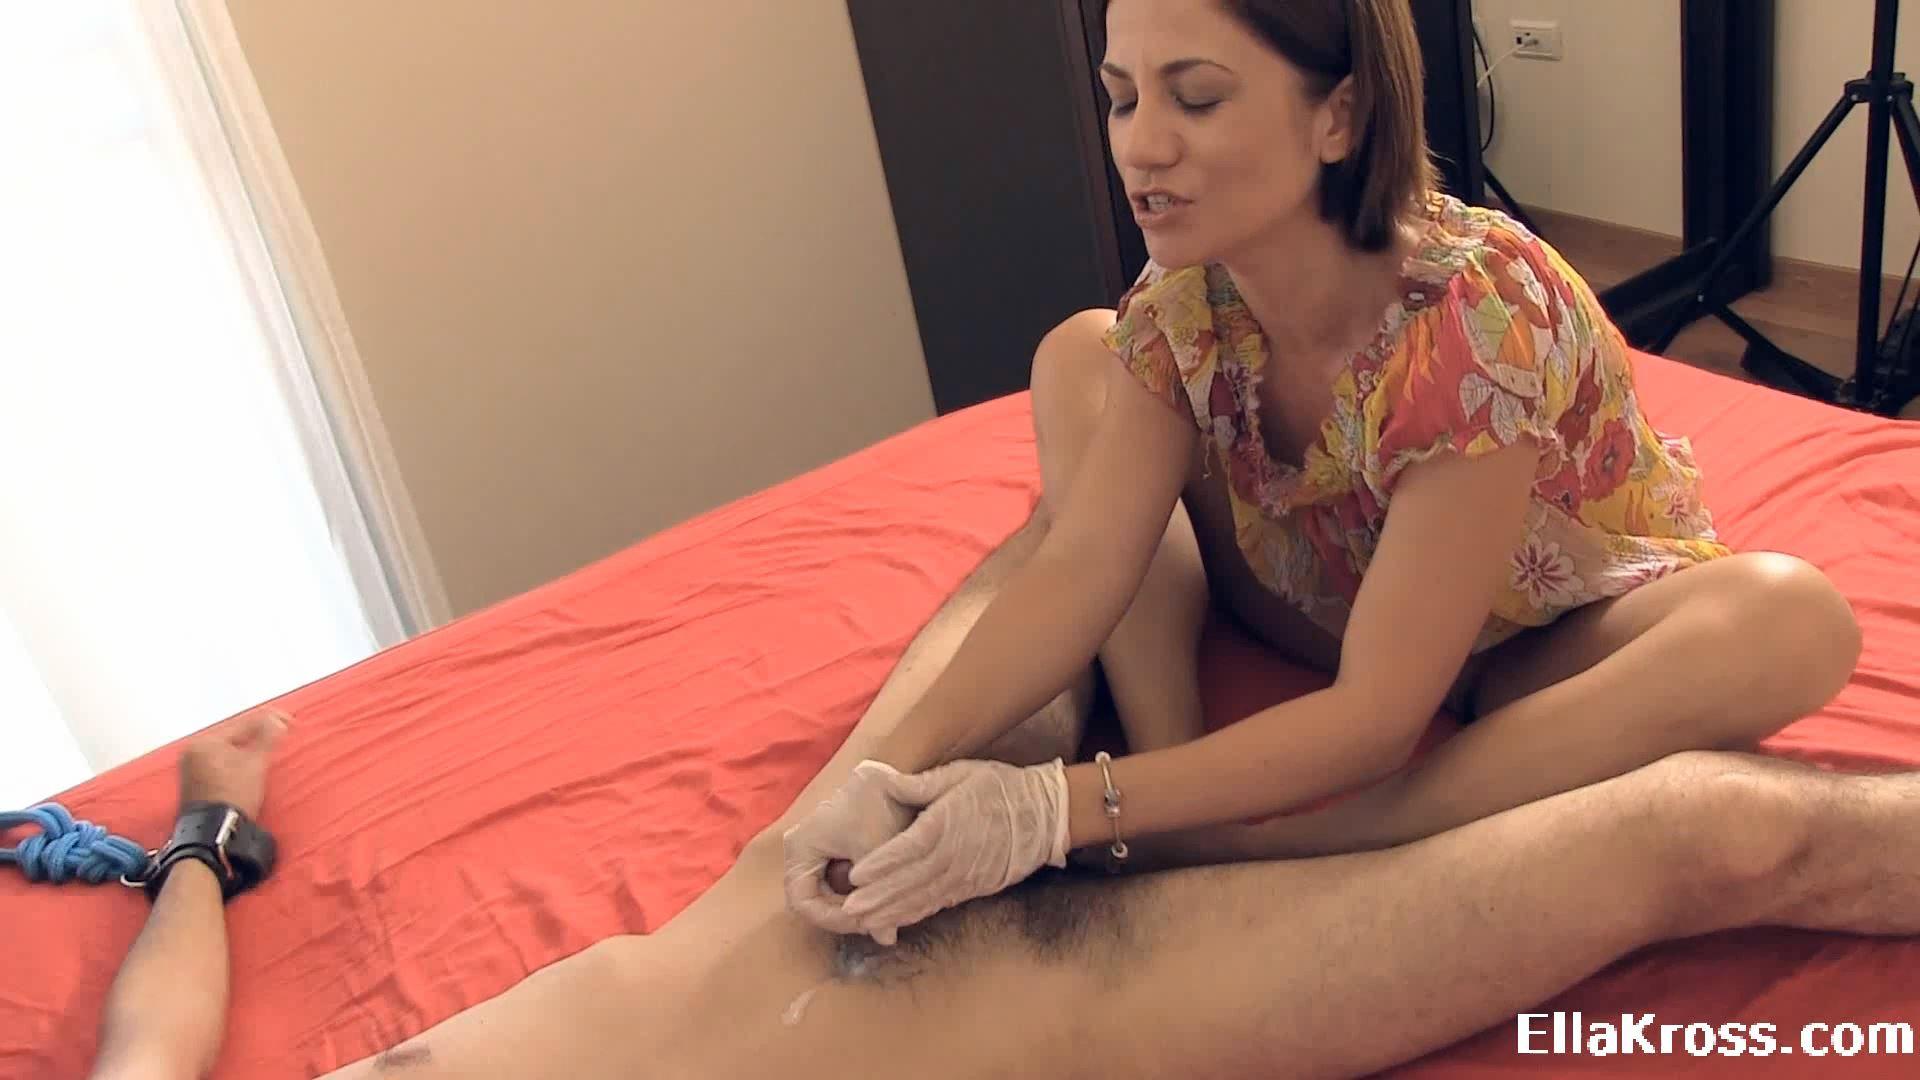 Ella Kross In Scene: Milking my Slave - ELLAKROSS - FULL HD/1080p/MP4